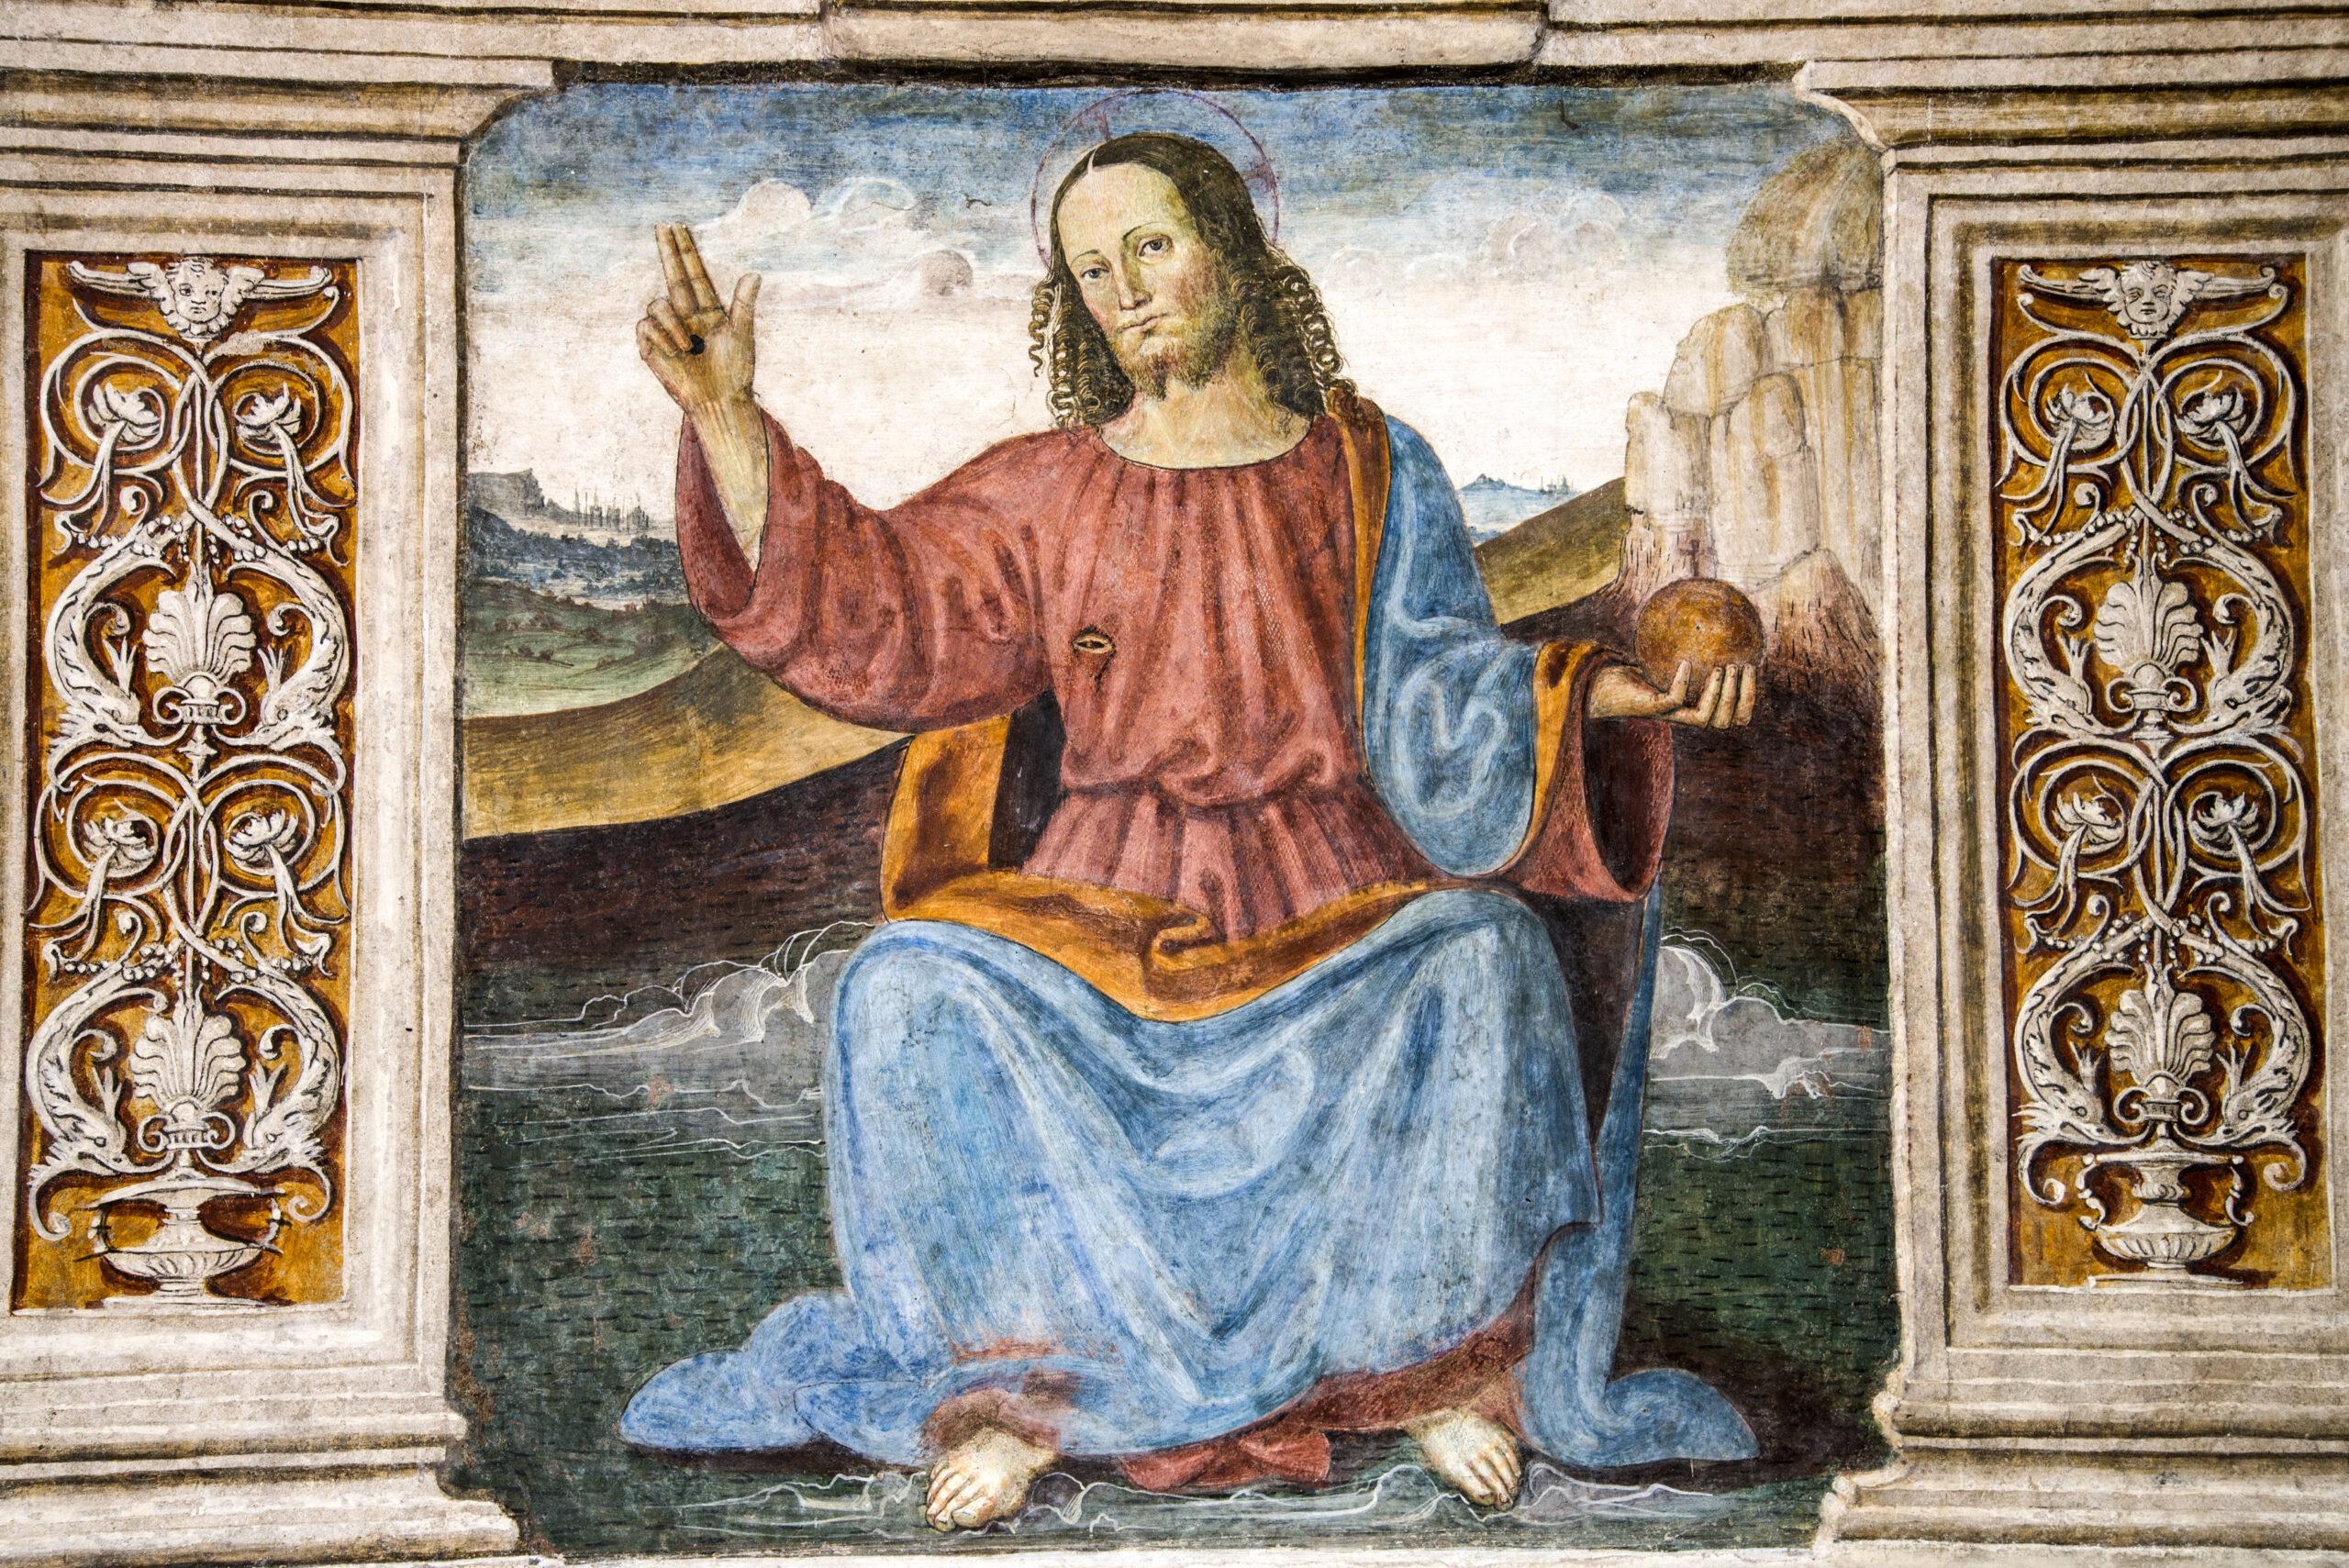 Sacro Speco affreschi